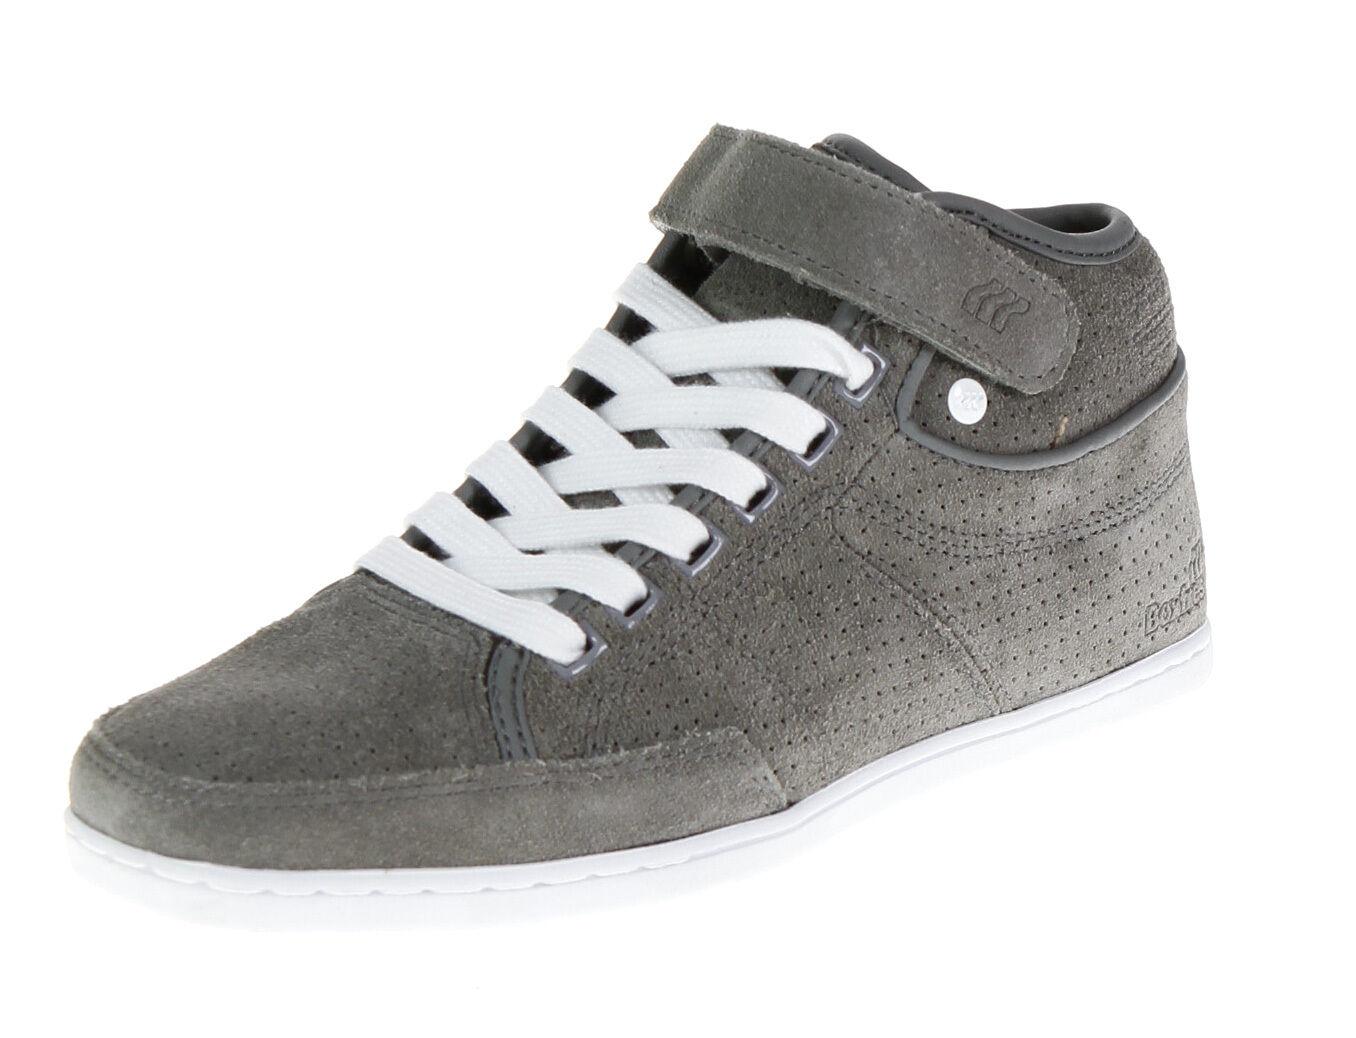 Boxfresh Damen Leder Trend Sneakers Schuhe Boots Swapp, Swich Swich Swapp, eff5e8